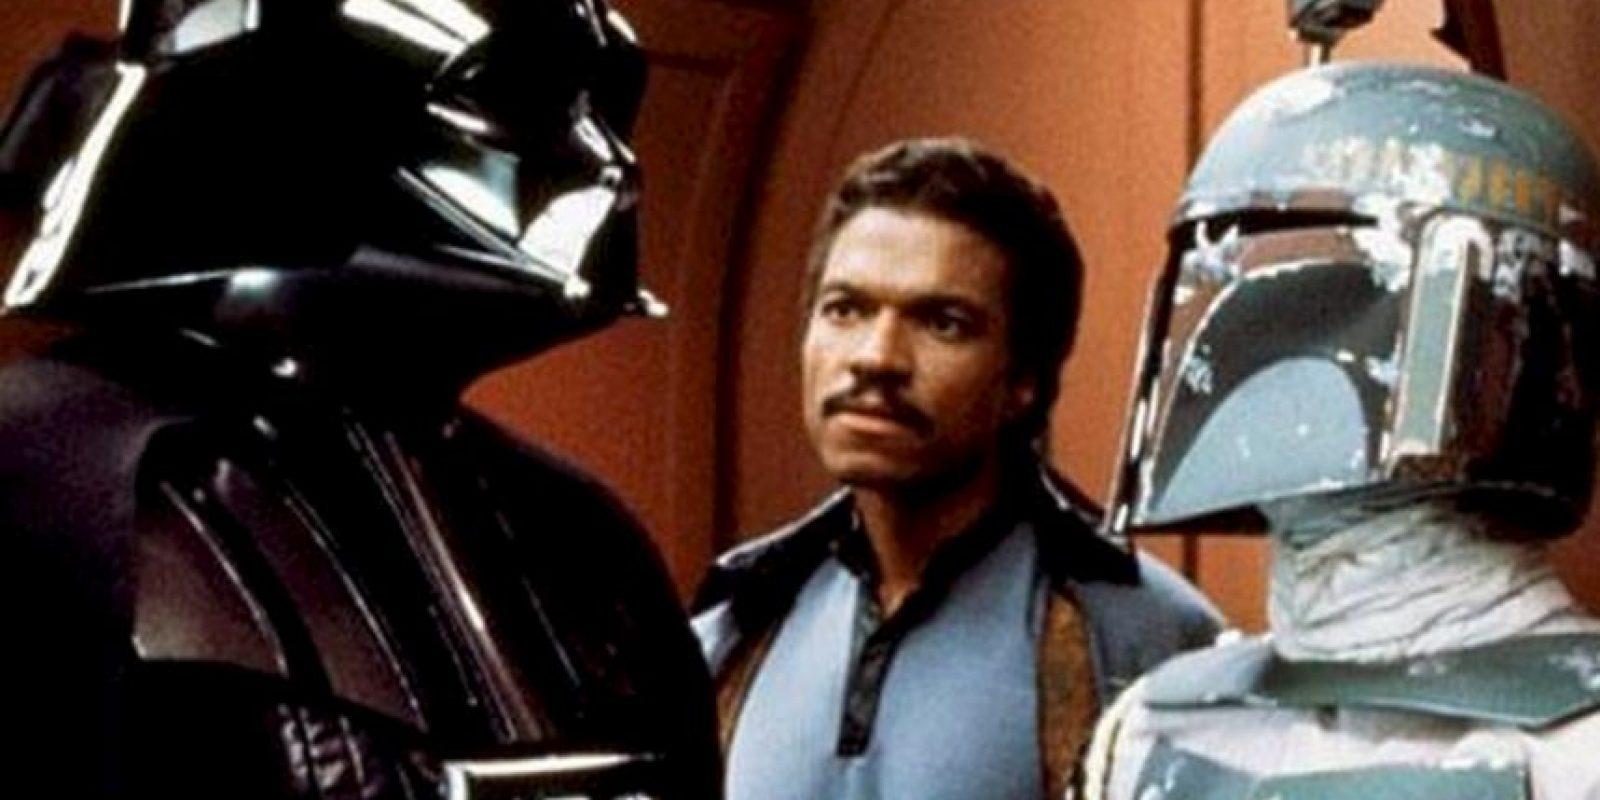 """Fue contratado por el imperio para los """"trabajos sucios hasta que se reveló y formó parte de una rebelión, esto en el universo expandido de """"Star Wars"""" Foto:Lucas Film"""